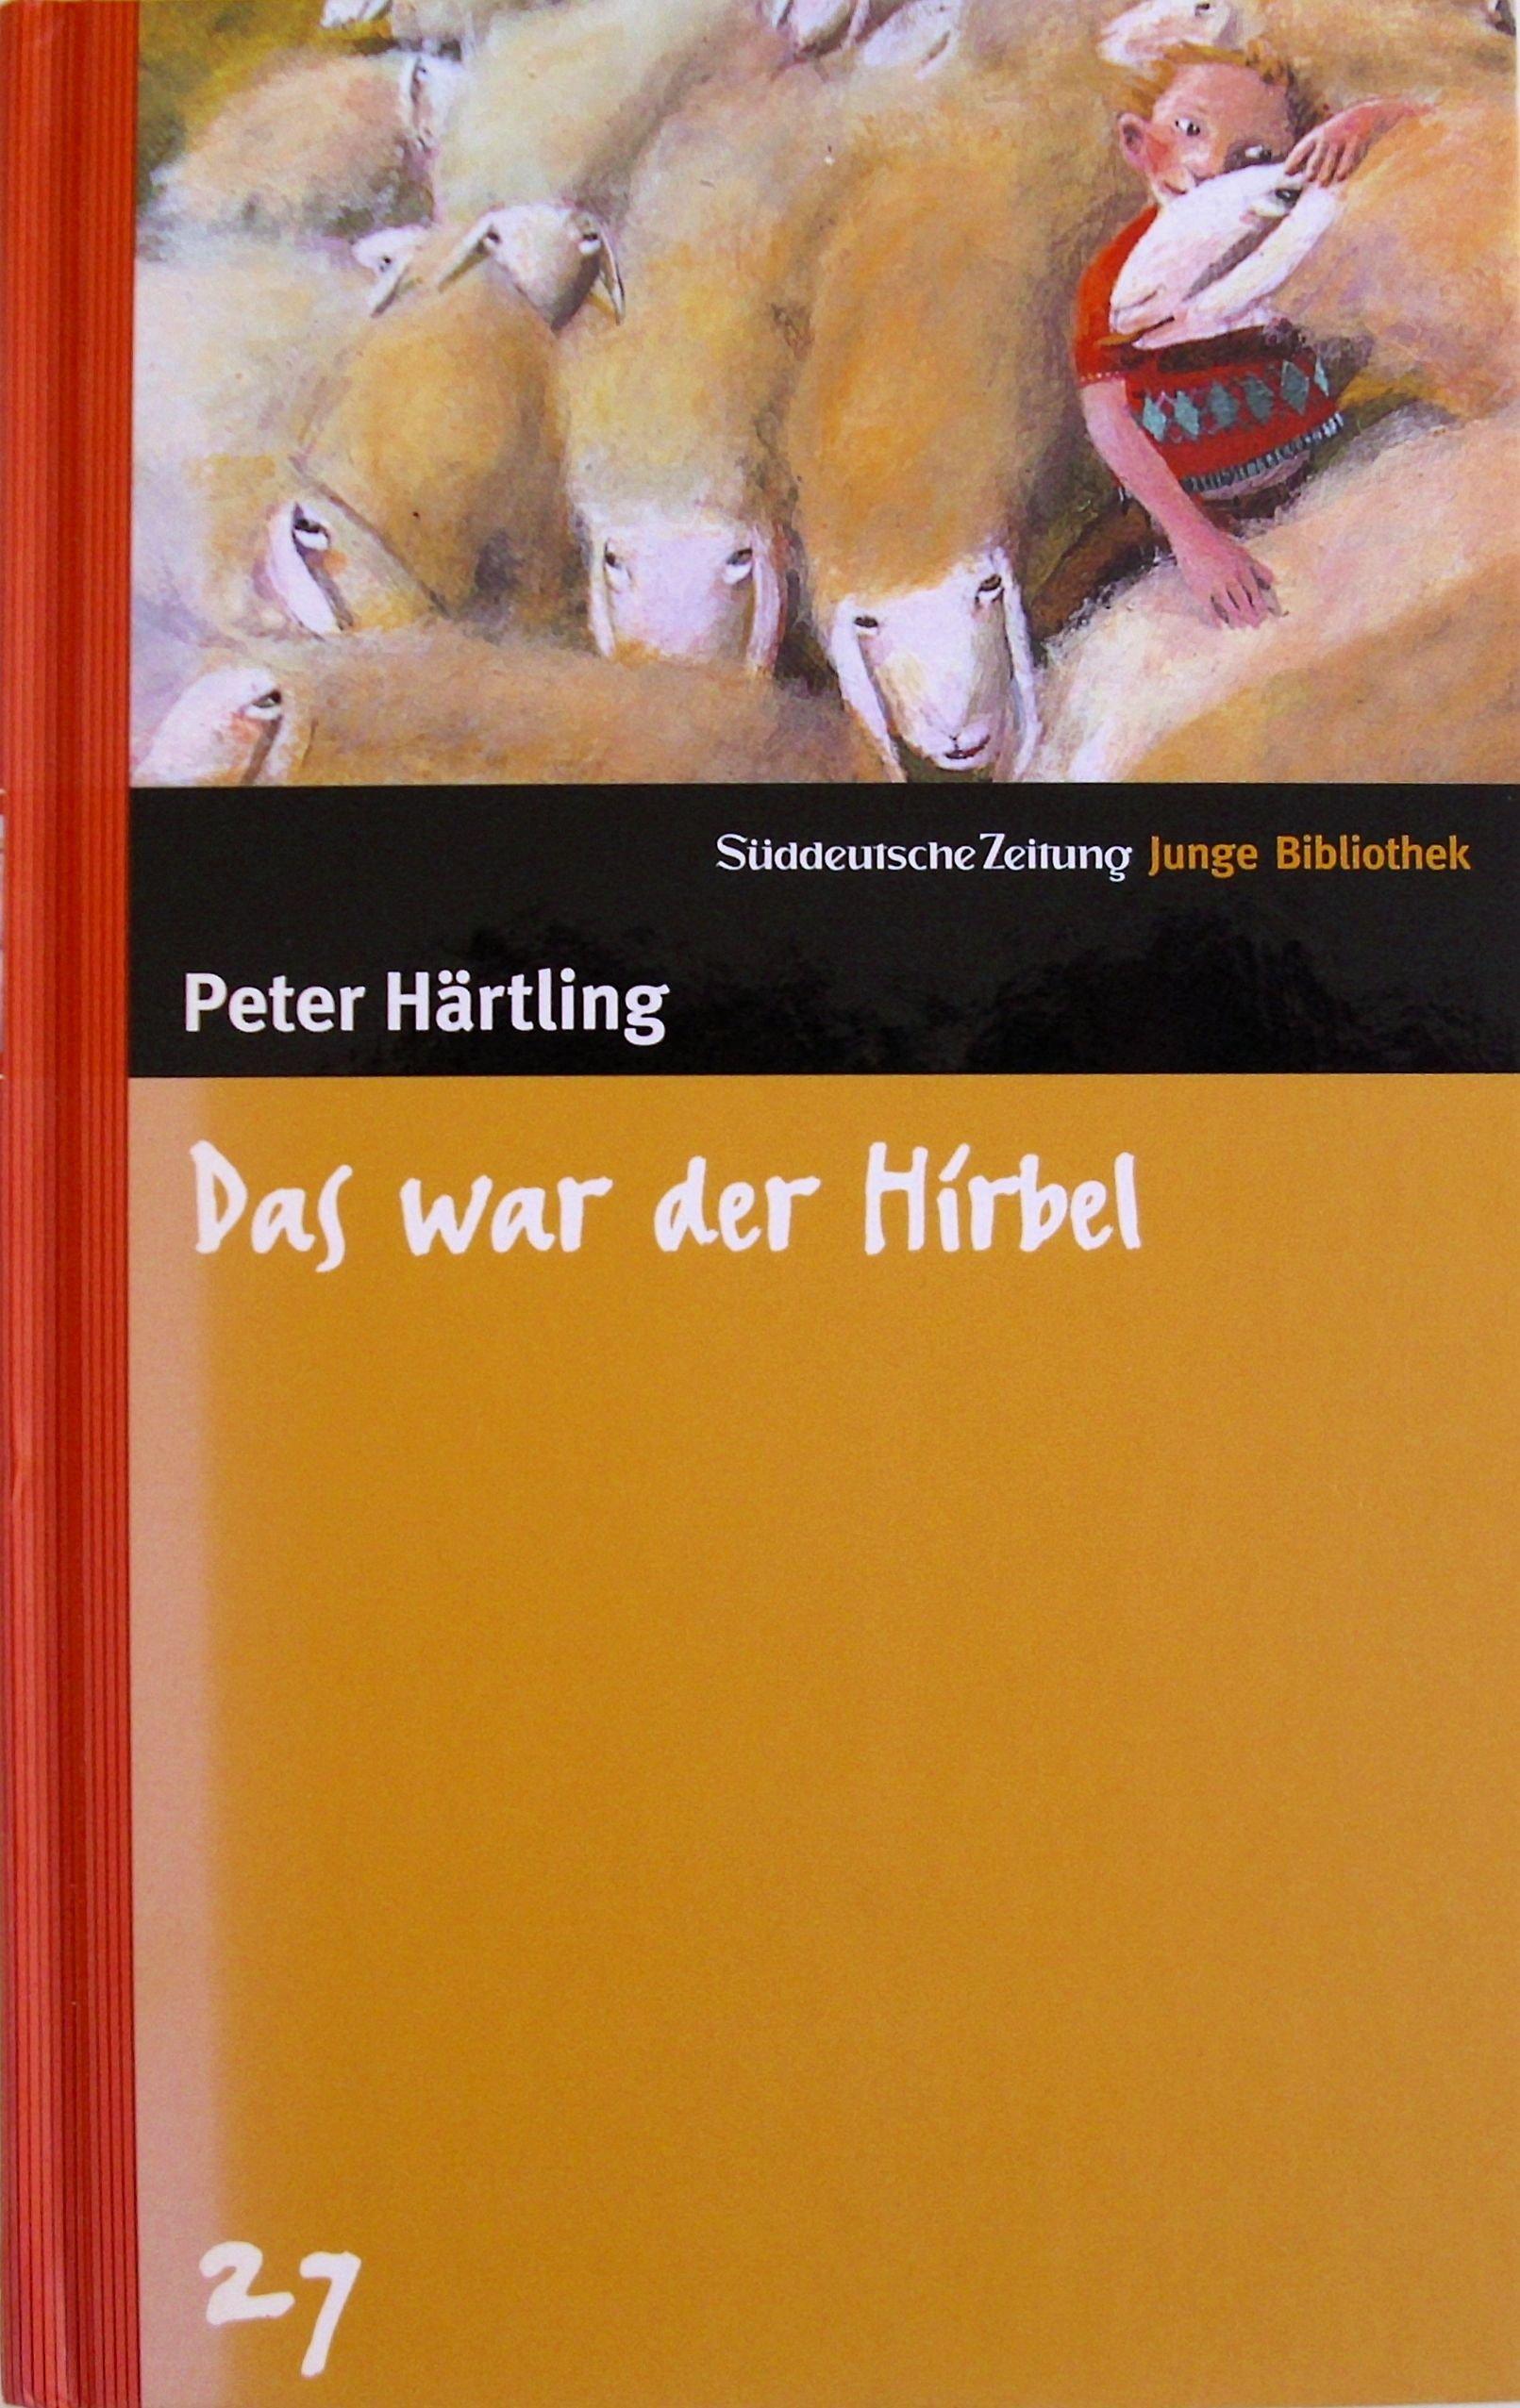 Das war der Hirbel Gebundenes Buch – Illustriert, 2006 Peter Härtling Christa aus dem Siepen Süddeutsche Zeitung 3866151284